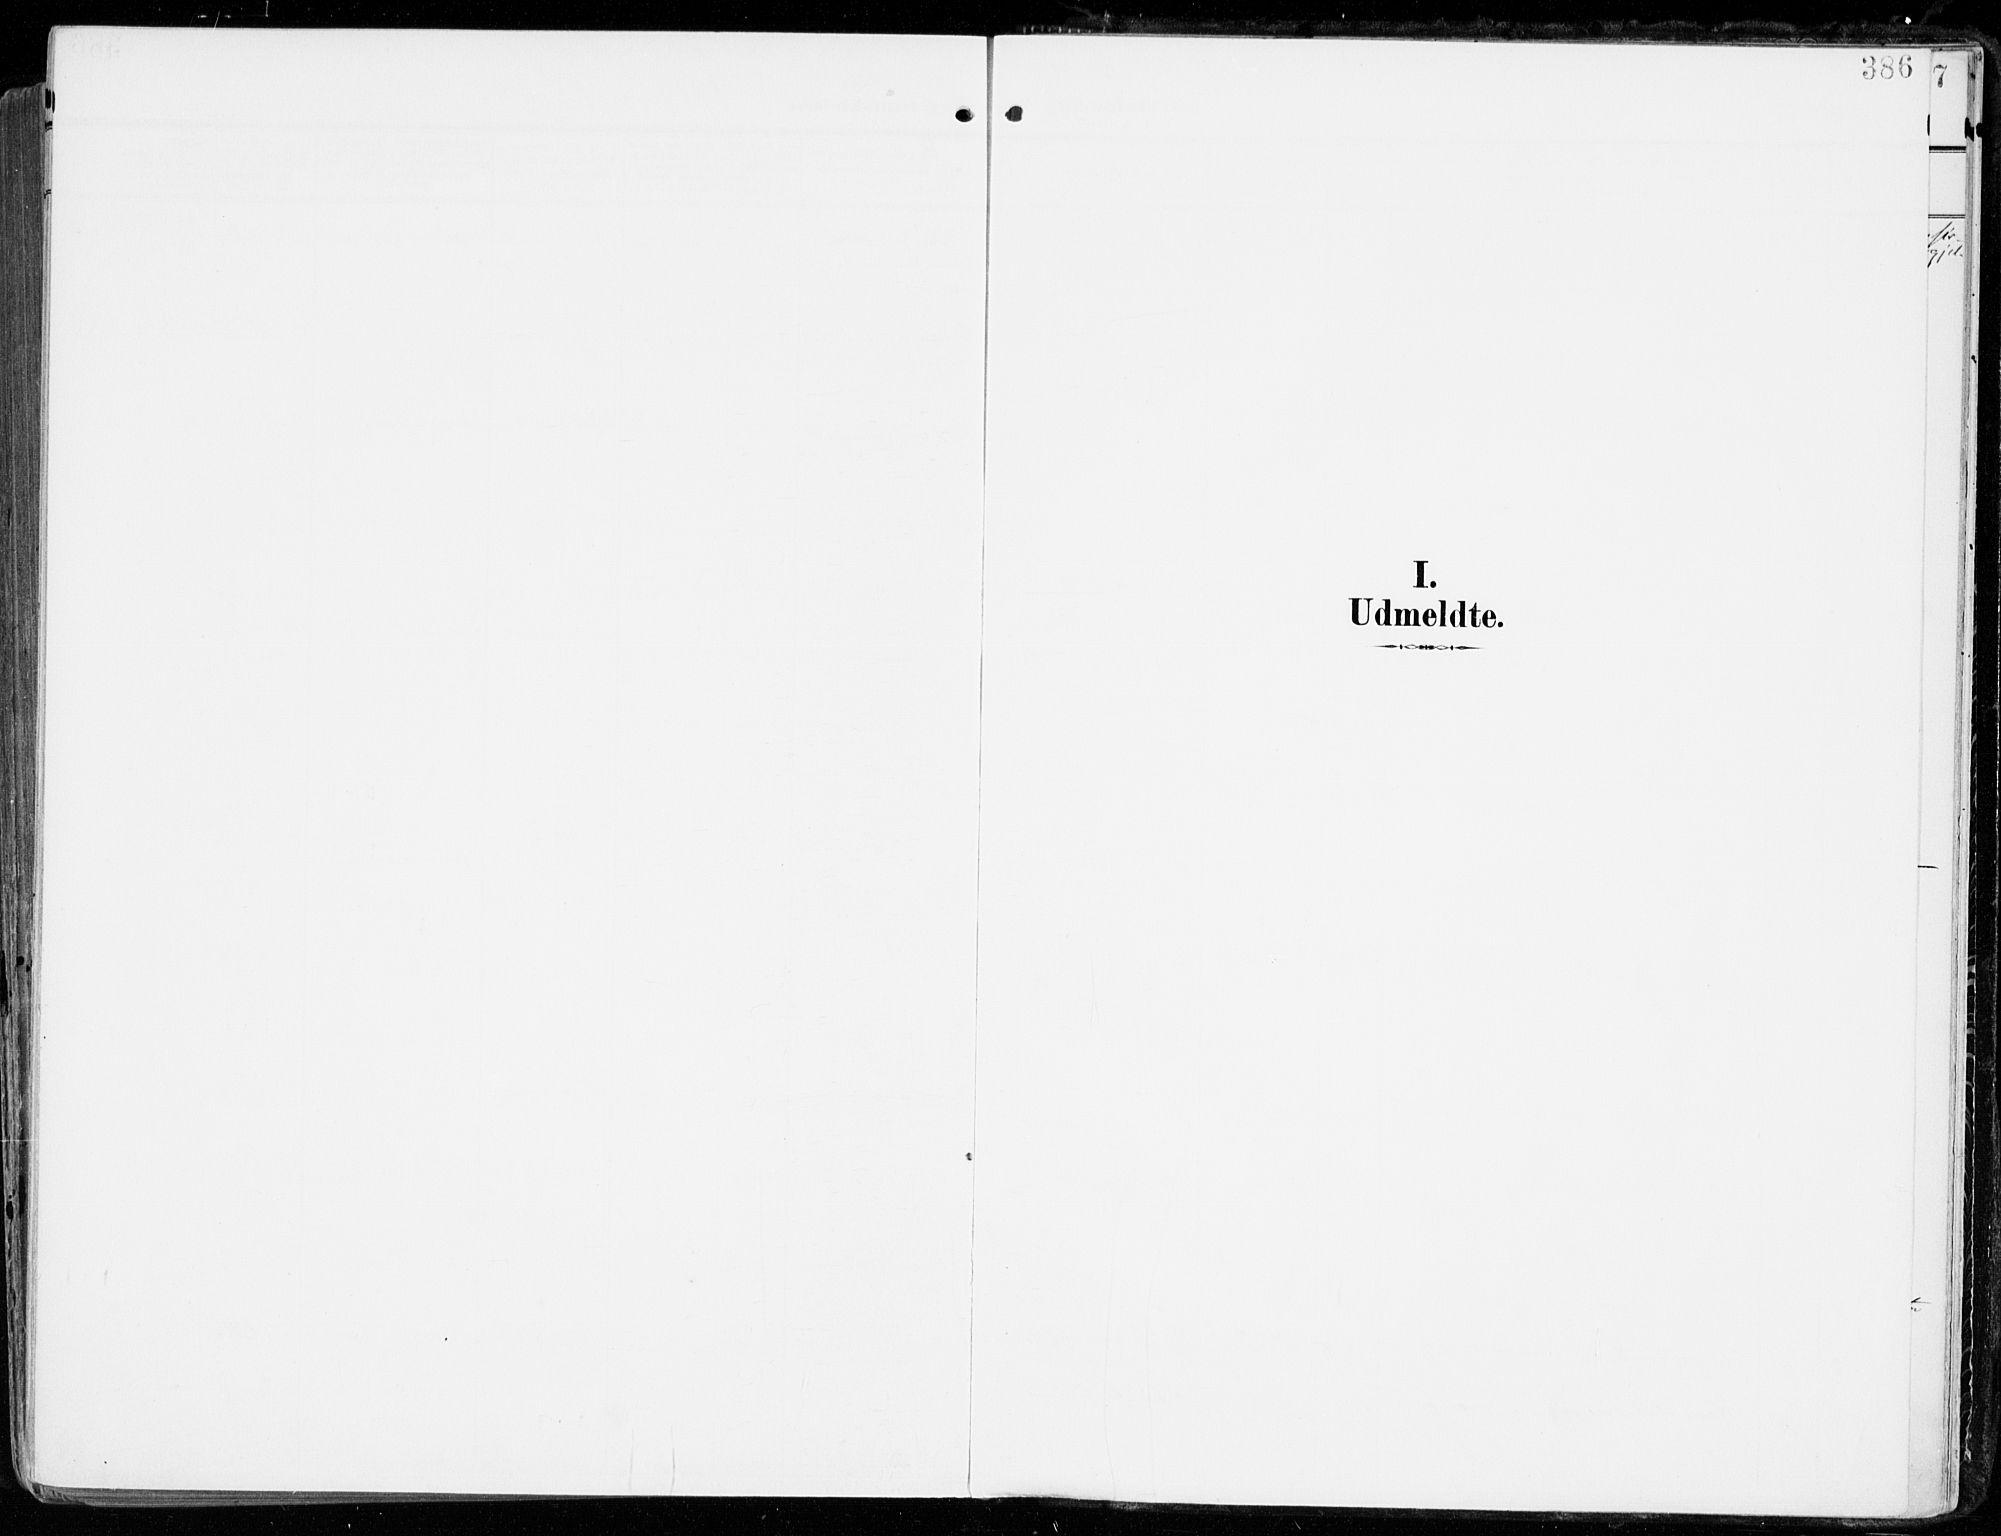 SAKO, Tjølling kirkebøker, F/Fa/L0010: Ministerialbok nr. 10, 1906-1923, s. 386